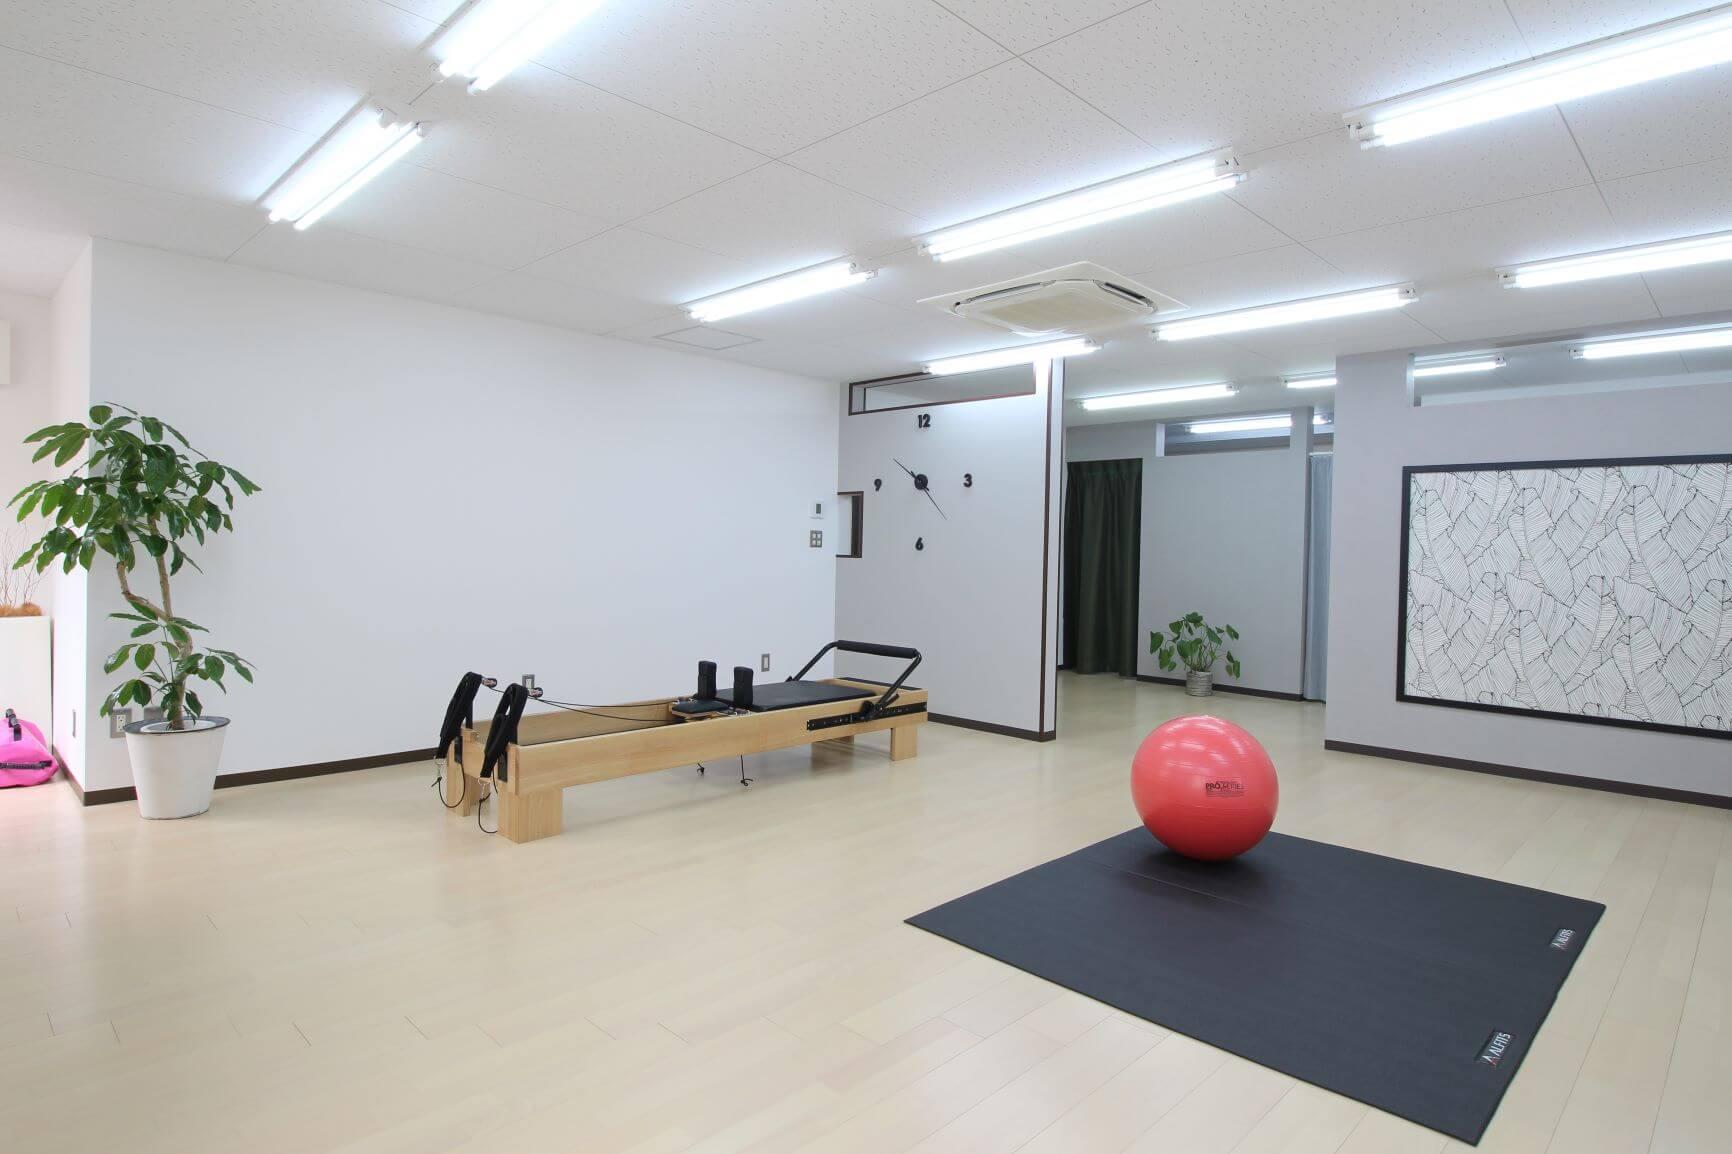 ノームコアトレーニングスタジオ